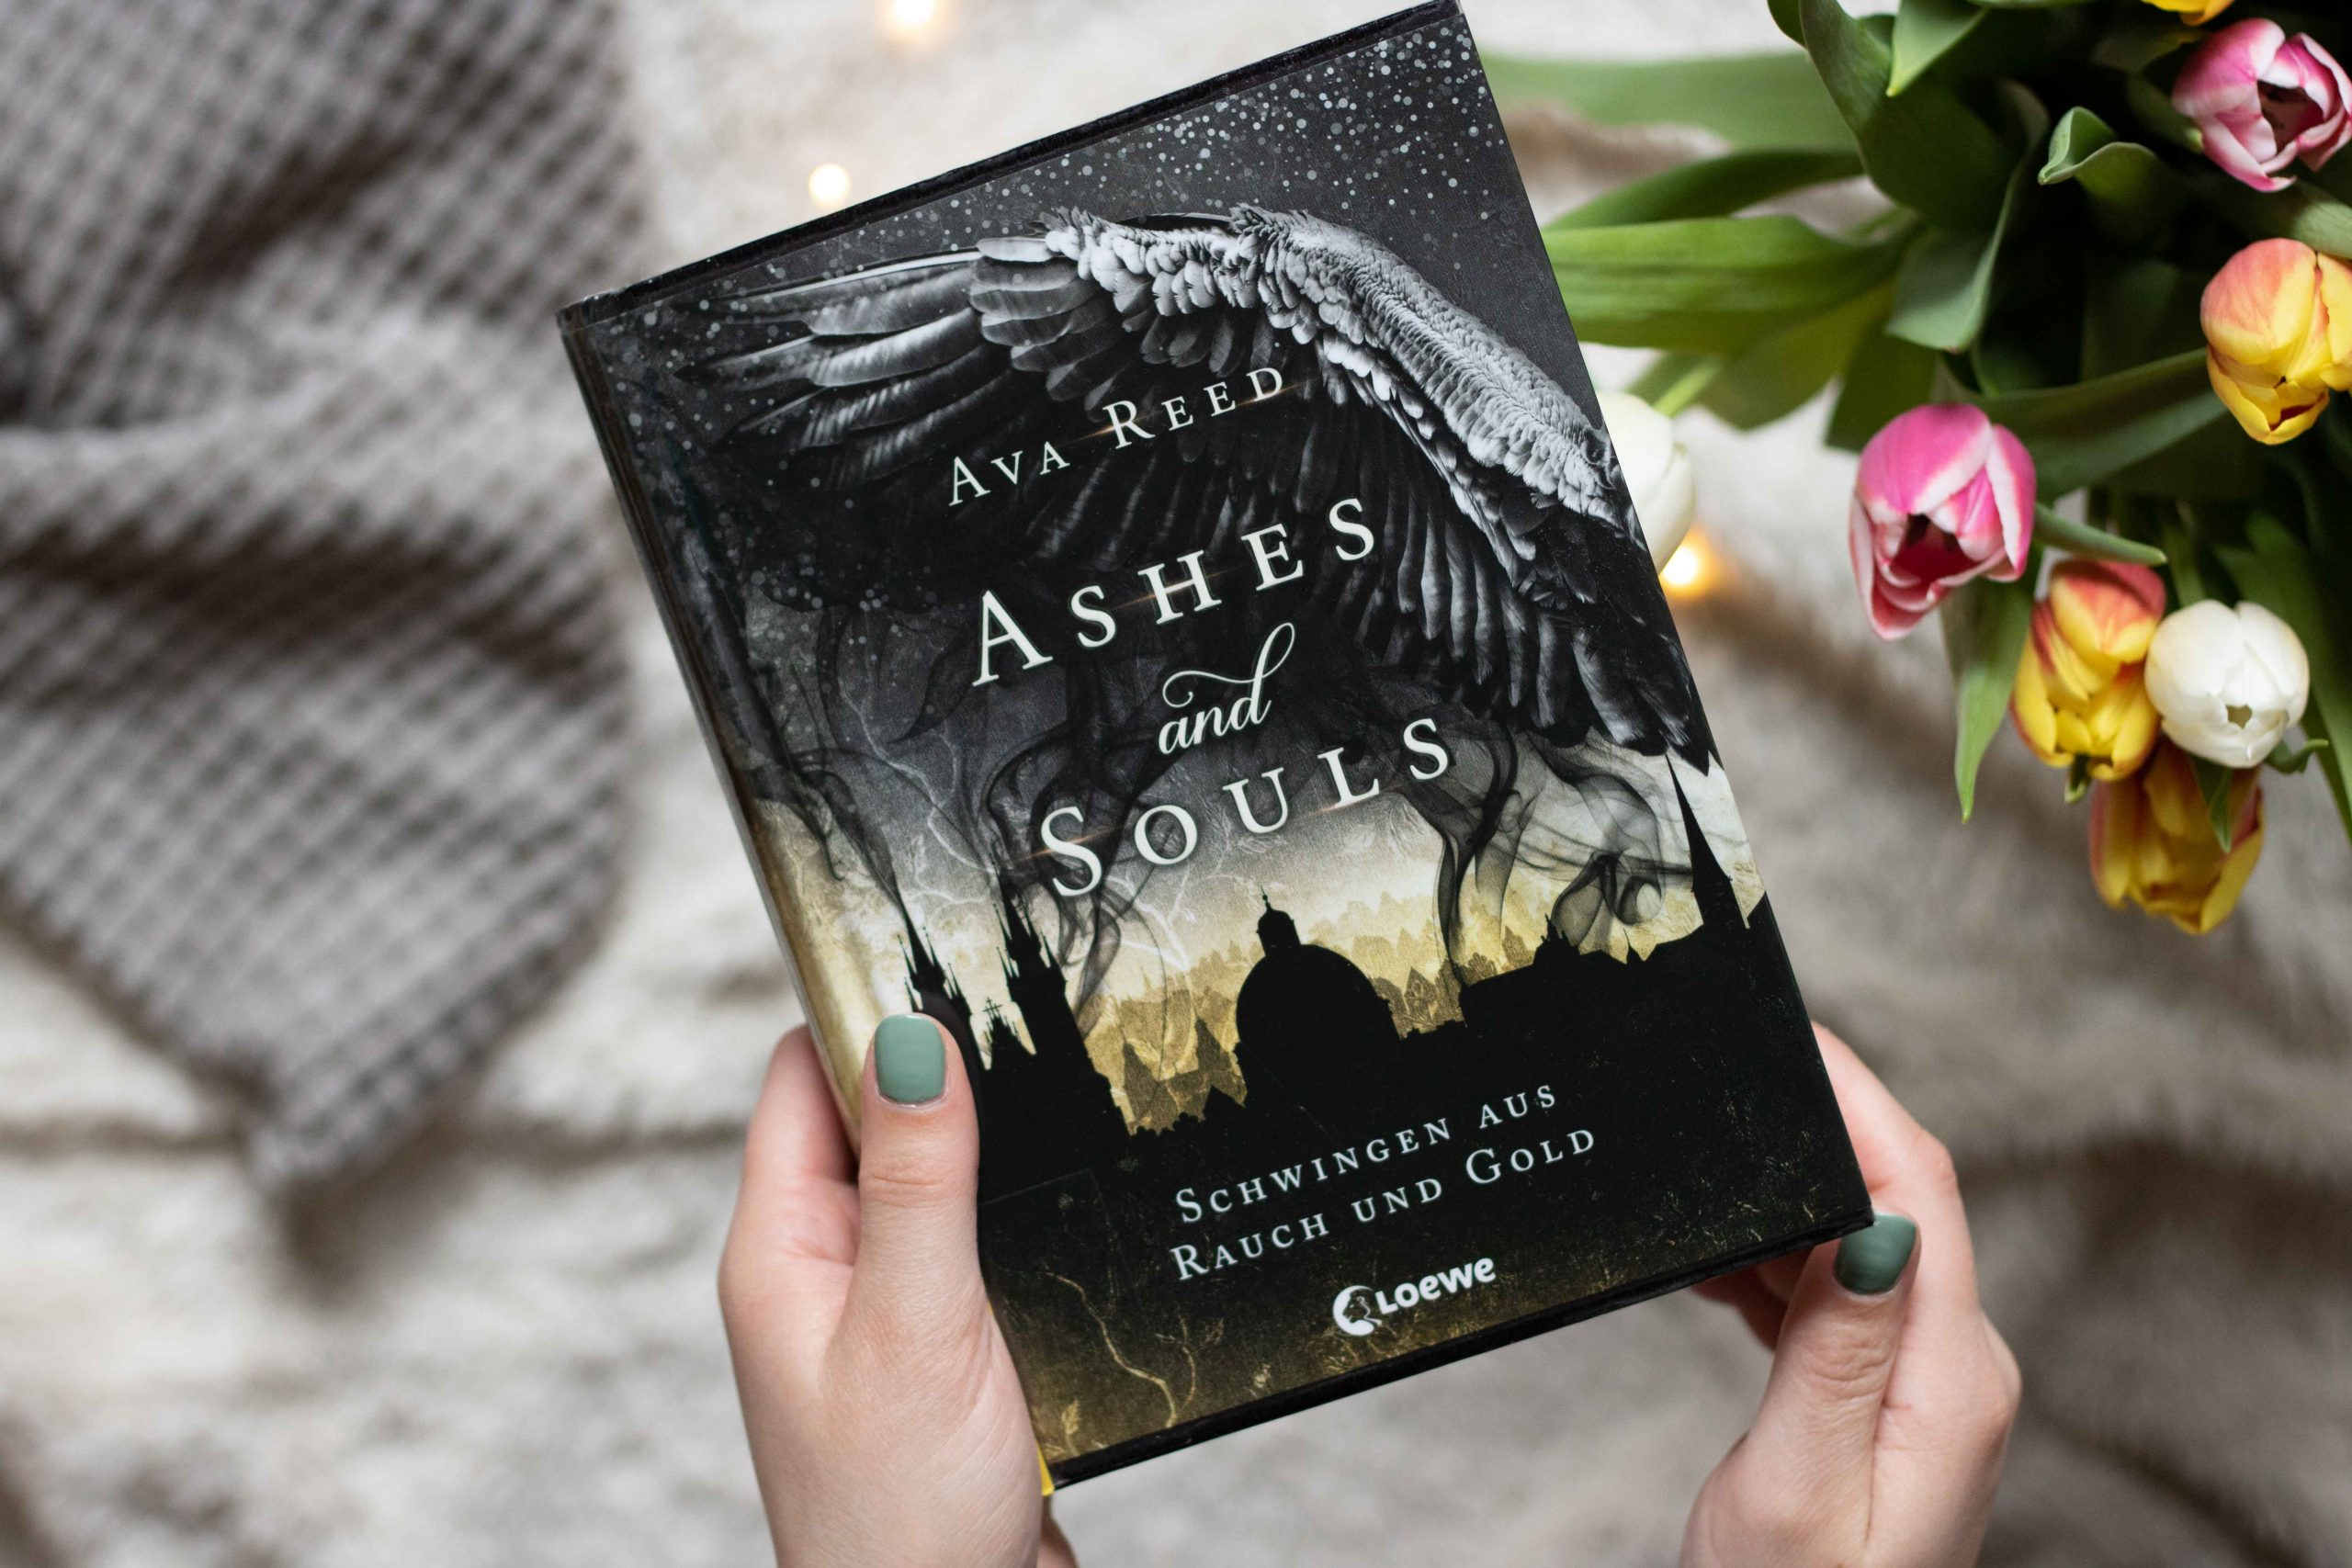 Ashes & Souls – Schwingen aus Rauch und Gold | Ava Reed